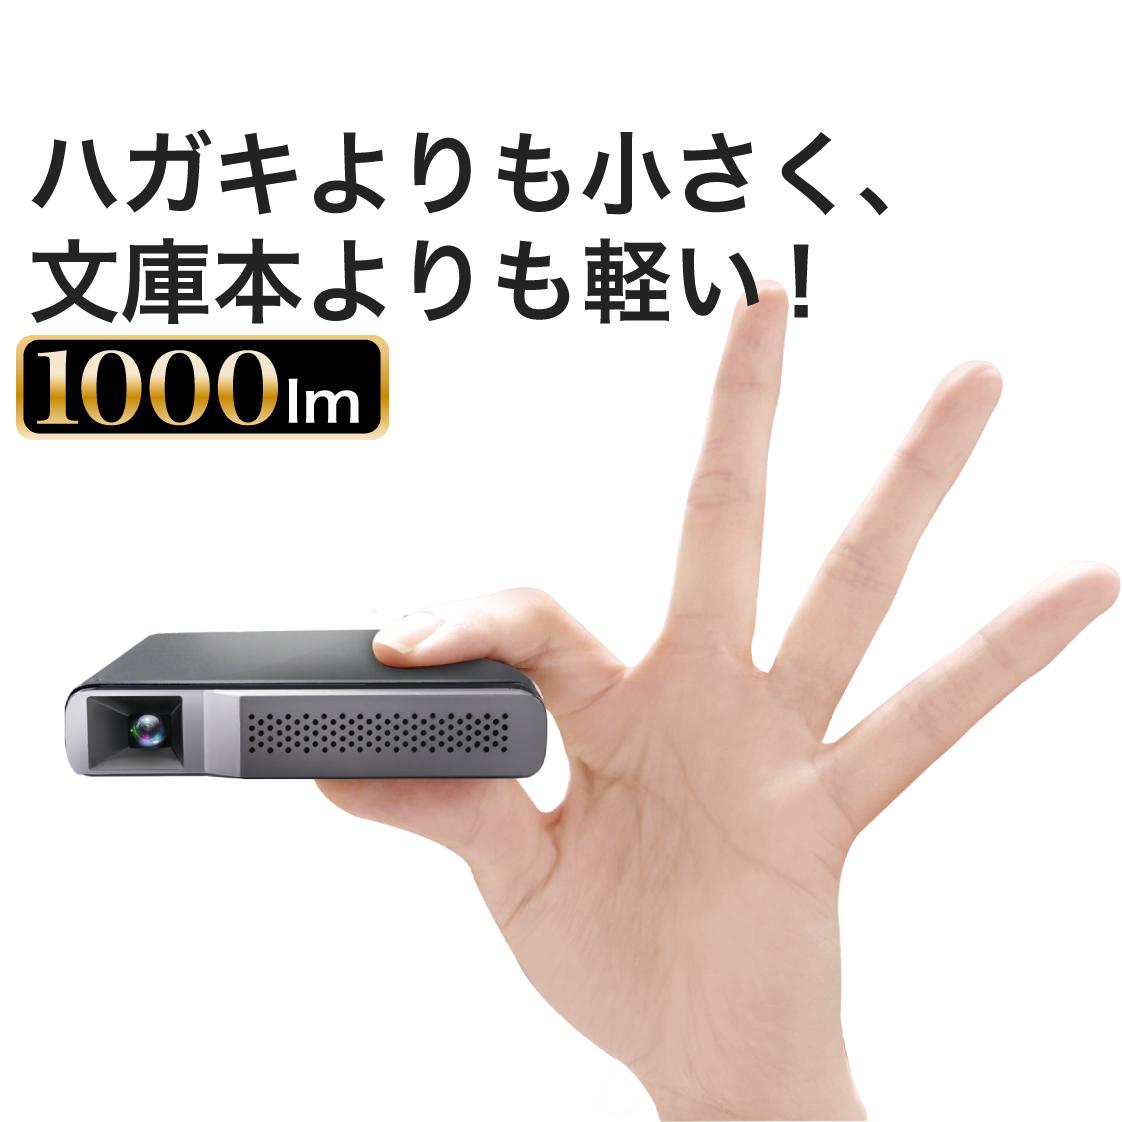 【マラソン限定ポイント10倍】 FunLogy モバイルプロジェクター FN-02 | プロジェクター 小型 超小型 ミニ 軽量 プロジェクタ 小型プロジェクター モバイル スマホ 1000 ルーメン HDMI HDMIケーブル 有線接続 高画質 iphone アイフォン USB コンパクト